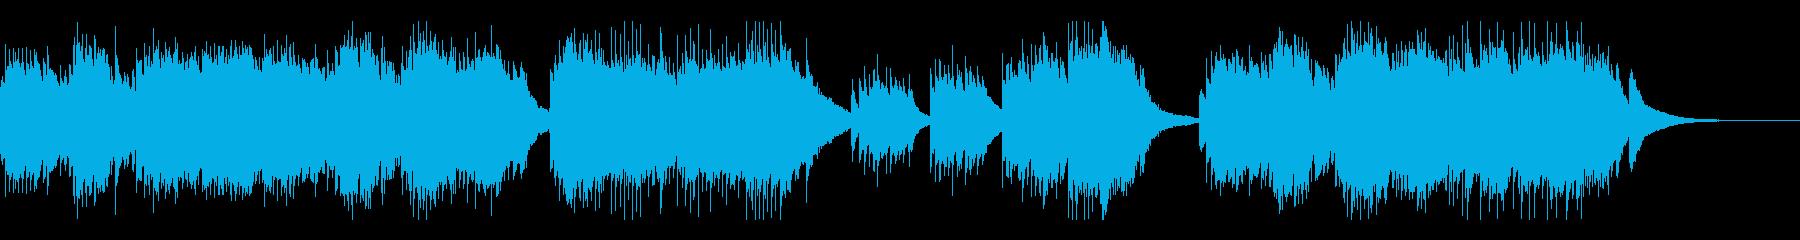 恋愛系BGM大人っぽく切ないピアノソロの再生済みの波形